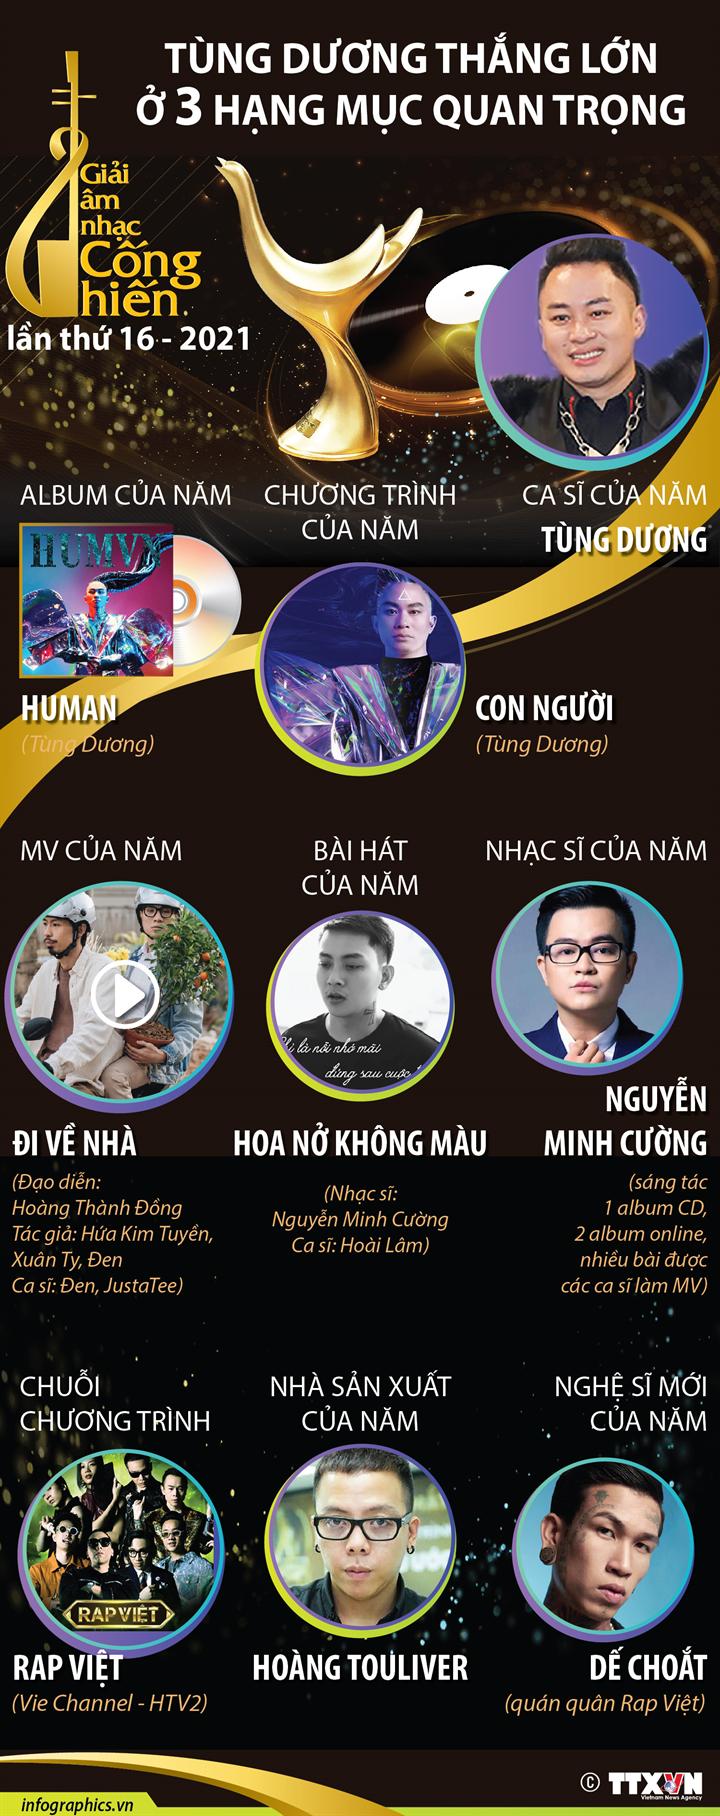 Giải thưởng Âm nhạc Cống hiến lần thứ 16 - 2021: Tùng Dương thắng lớn ở 3 hạng mục quan trọng